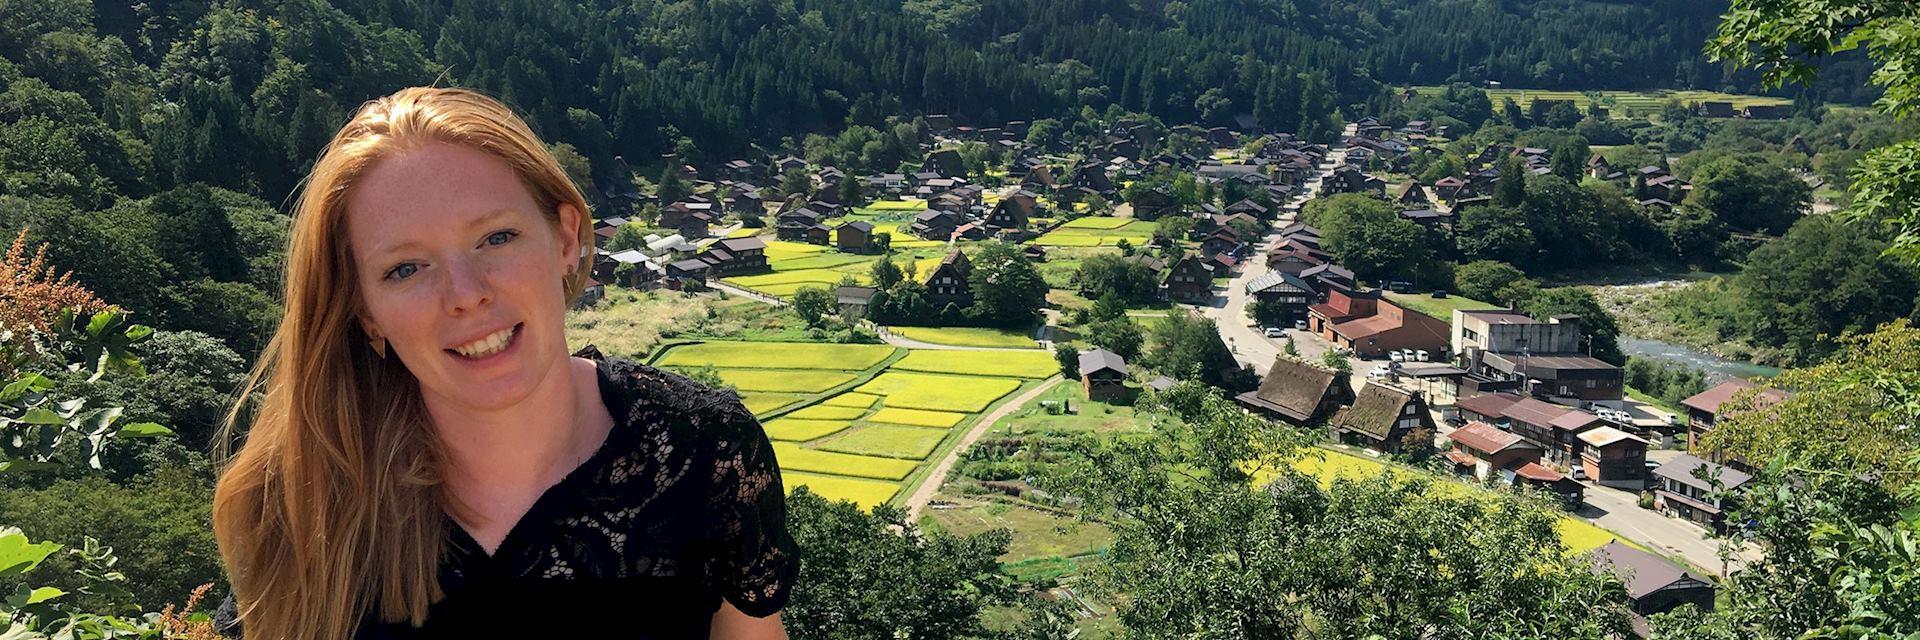 Jo visiting Shirakawa, Japan